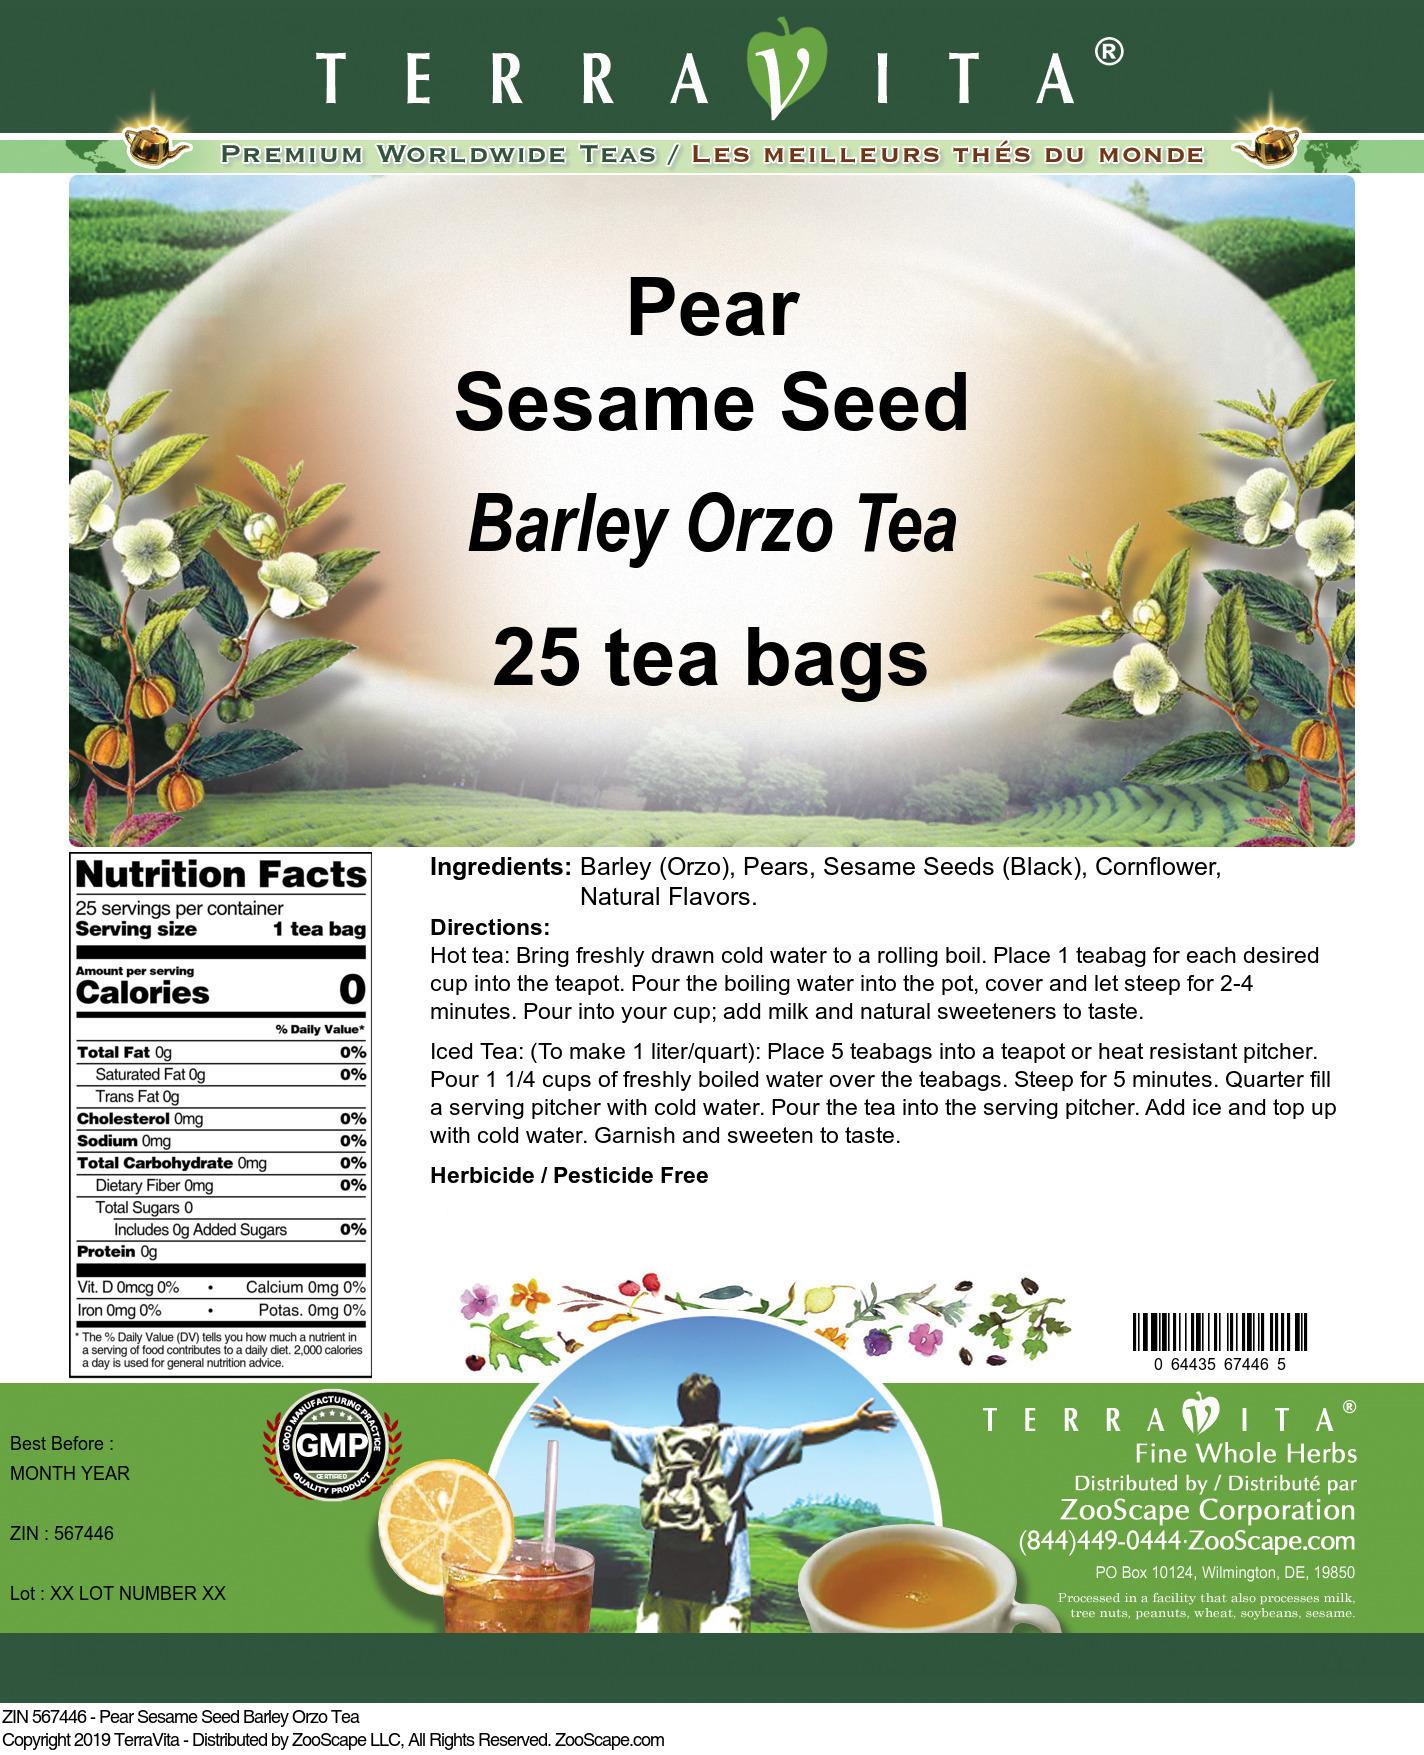 Pear Sesame Seed Barley Orzo